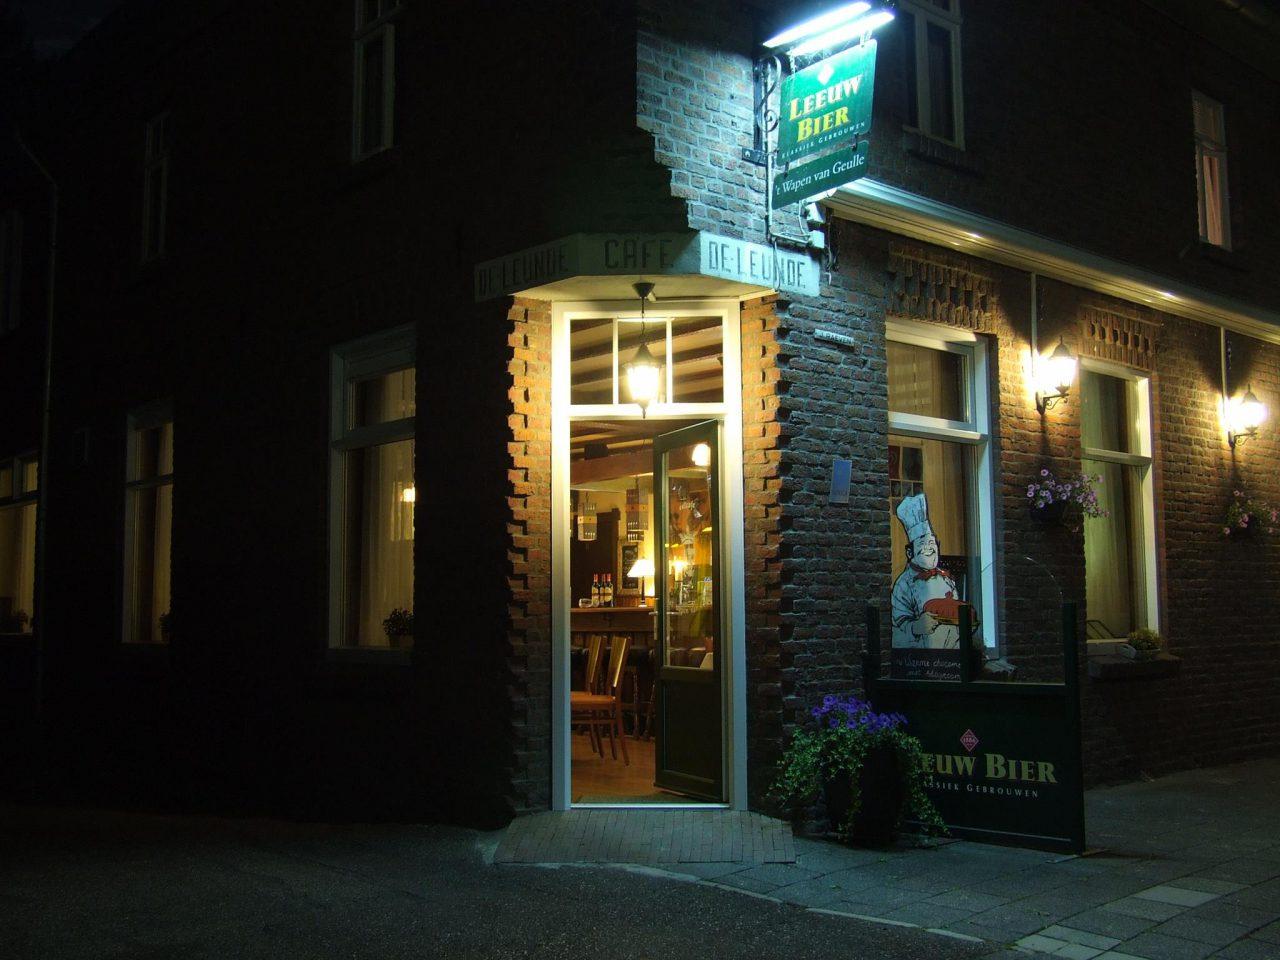 Wapen-van-Geulle-1280x960.jpg